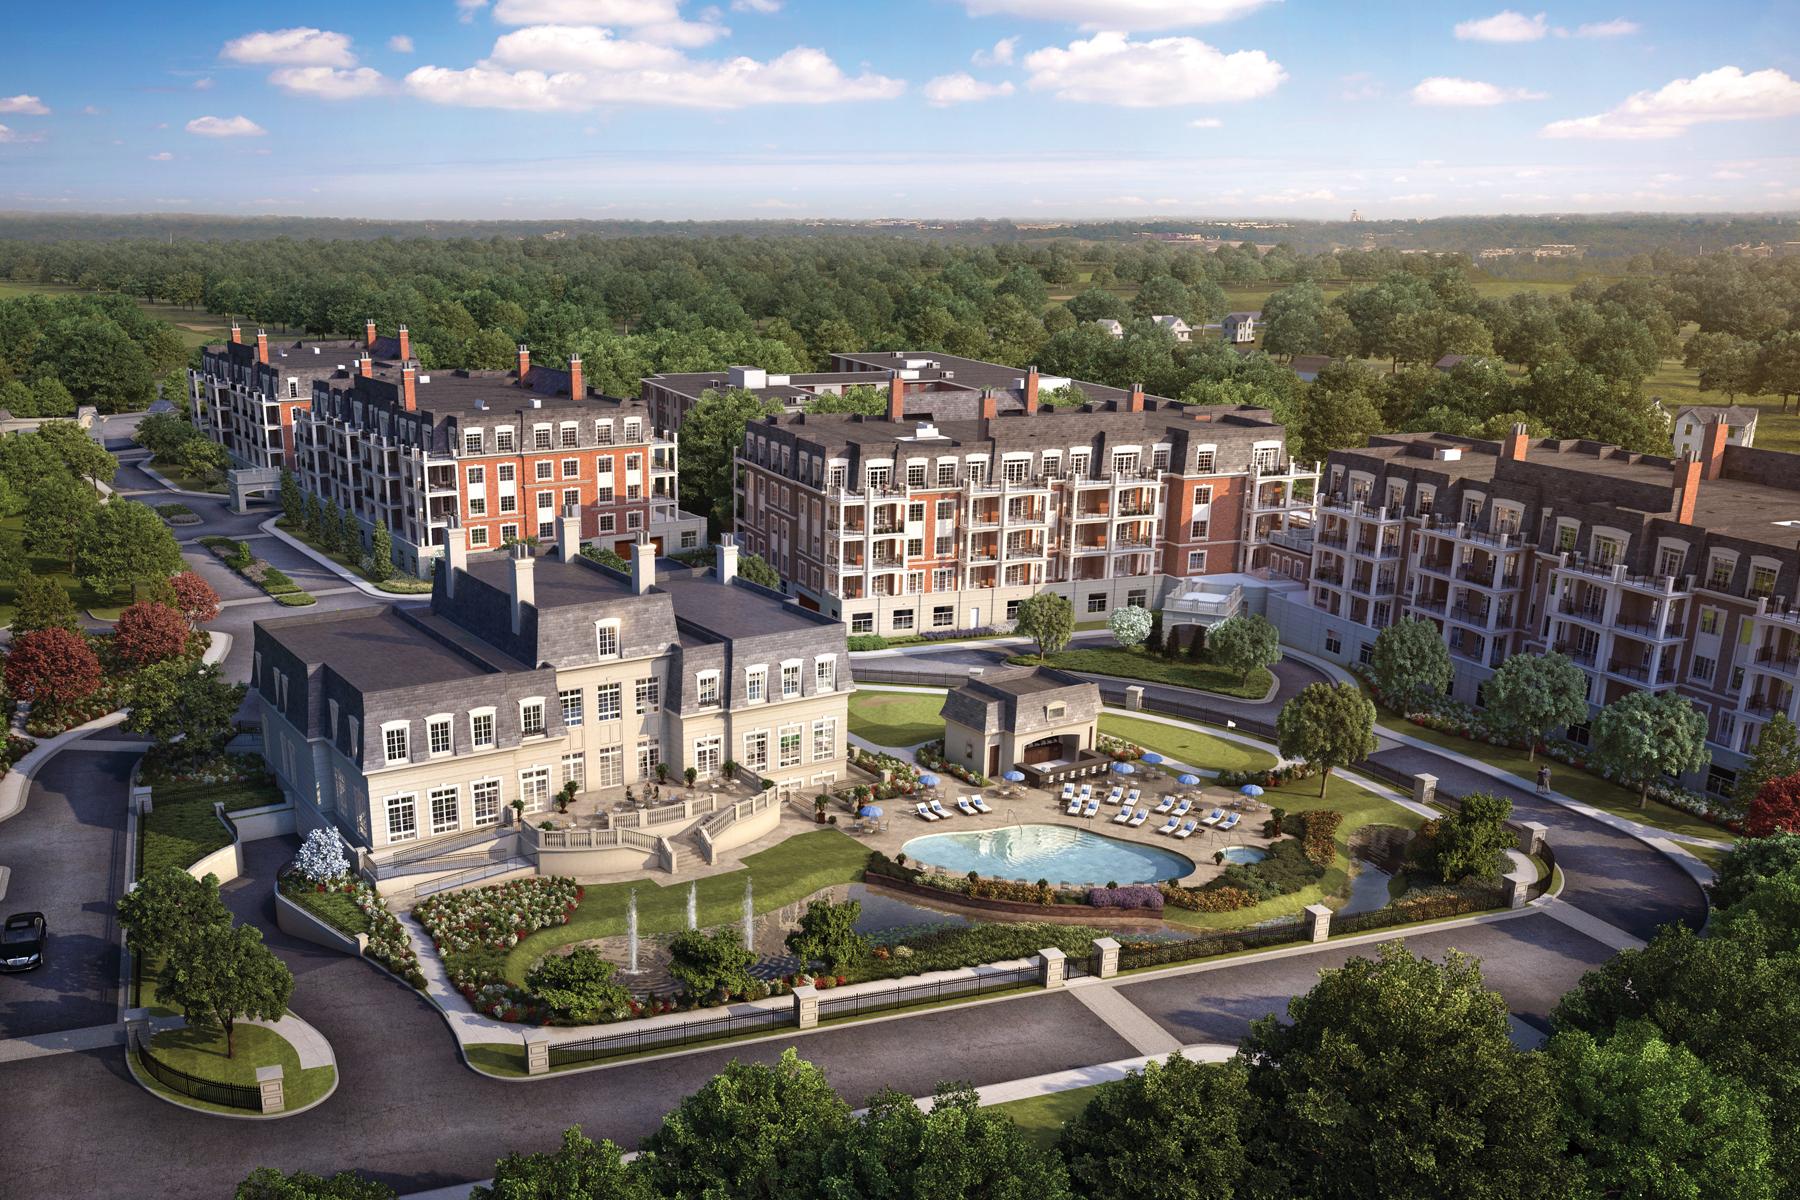 共管式独立产权公寓 为 销售 在 Condo 1000 Royal Ct 1 1304 北希尔斯, 纽约州, 11040 美国